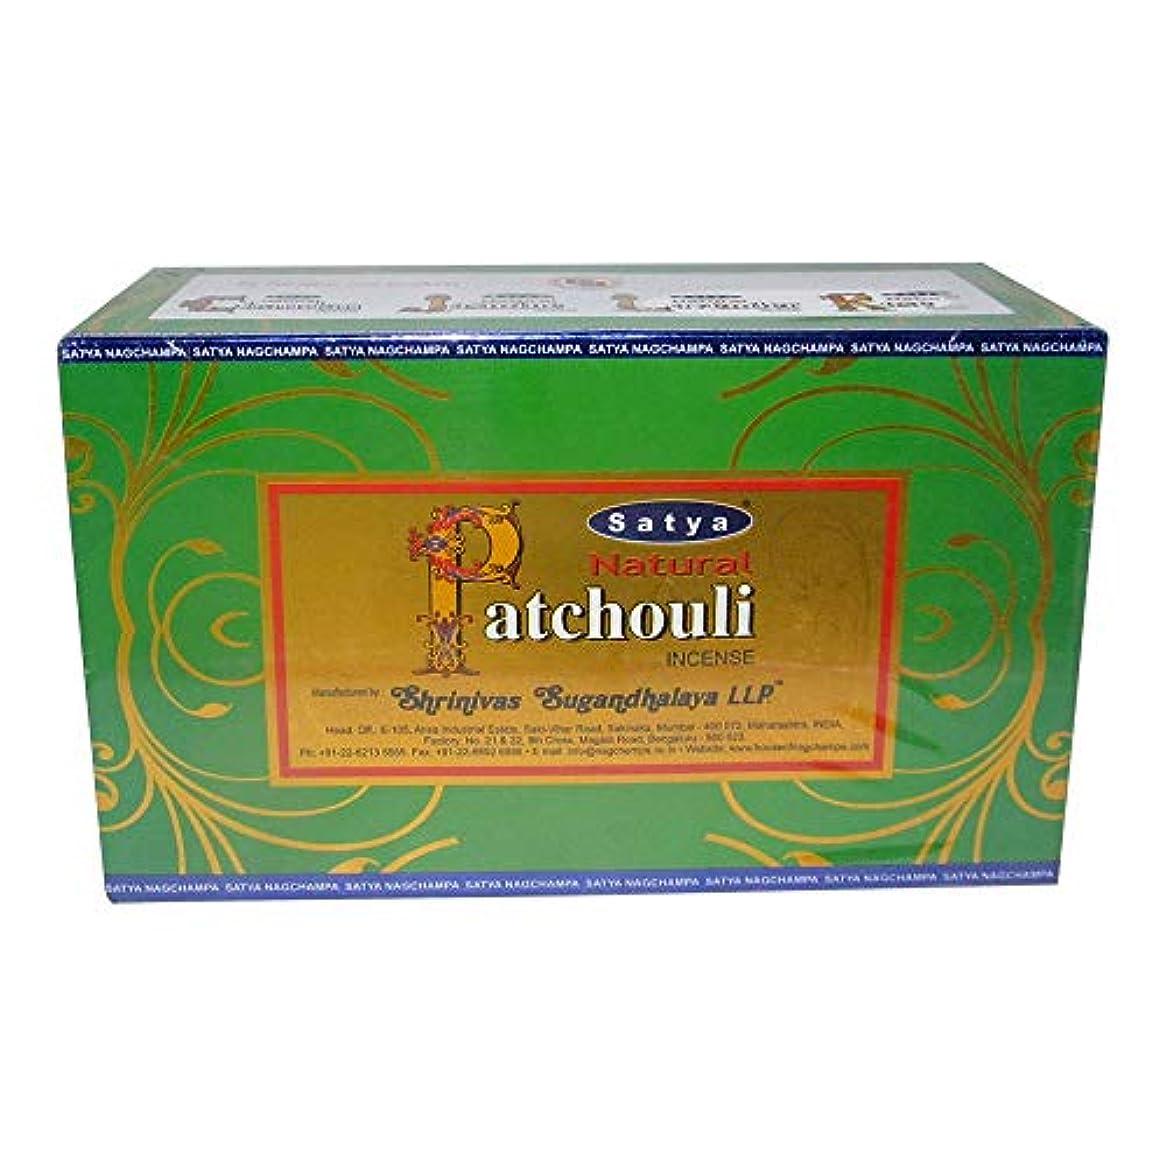 火山学者磁器乱用自然Patchouli Incense Sticks – By Satya Nag Champa – パックof 15 g x 12ボックス – 180 g合計